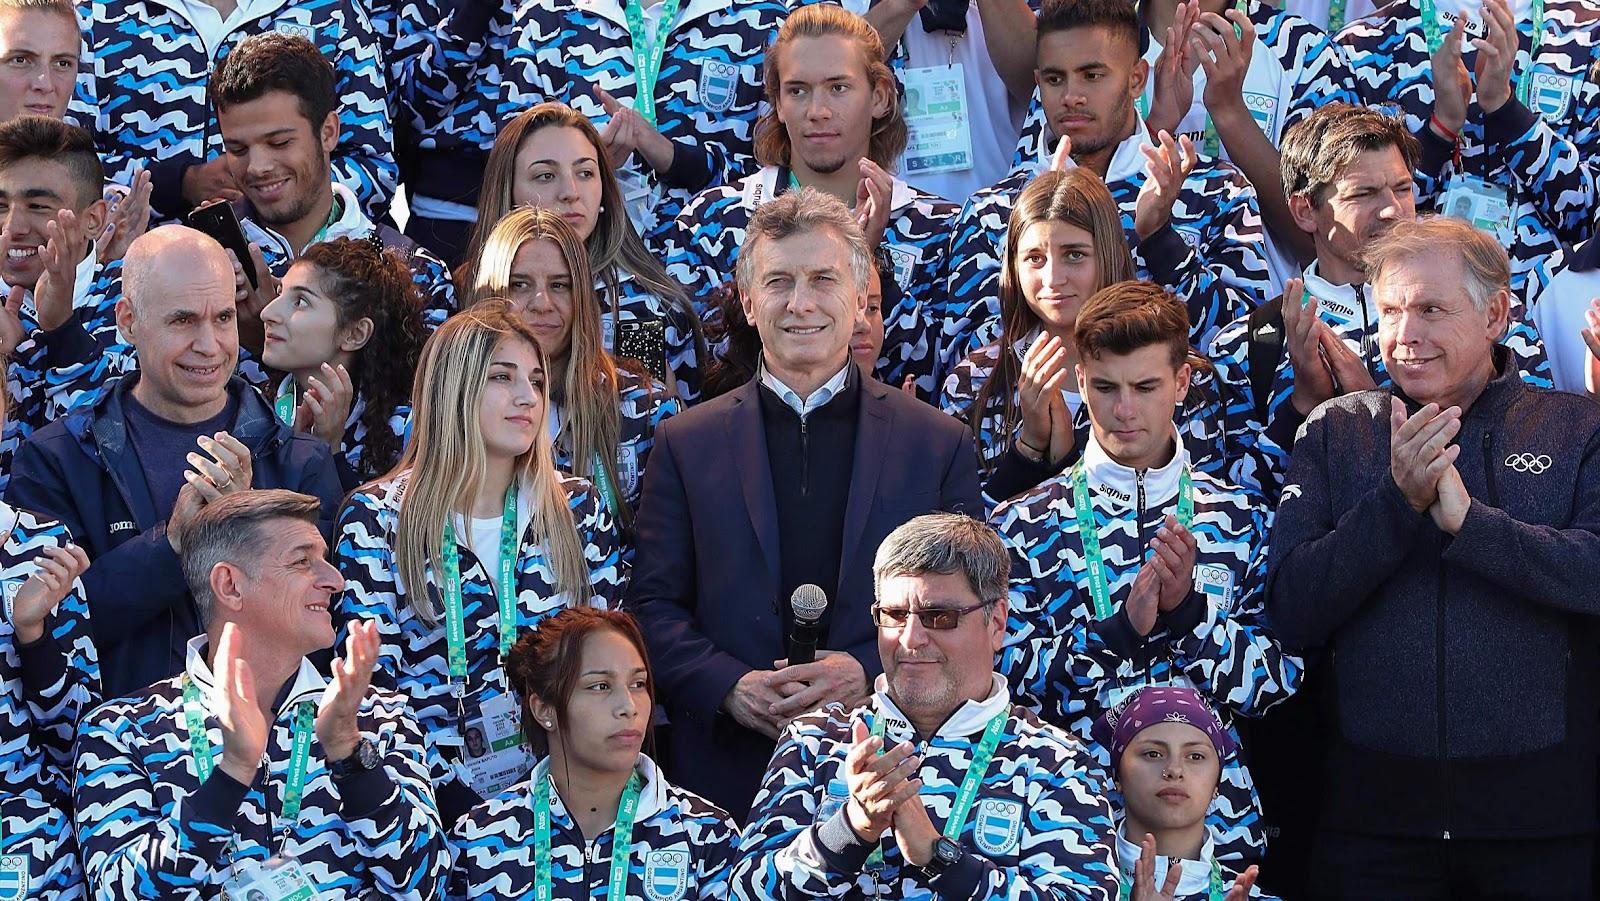 Image result for Juegos juventud buenos aires 2018 macri